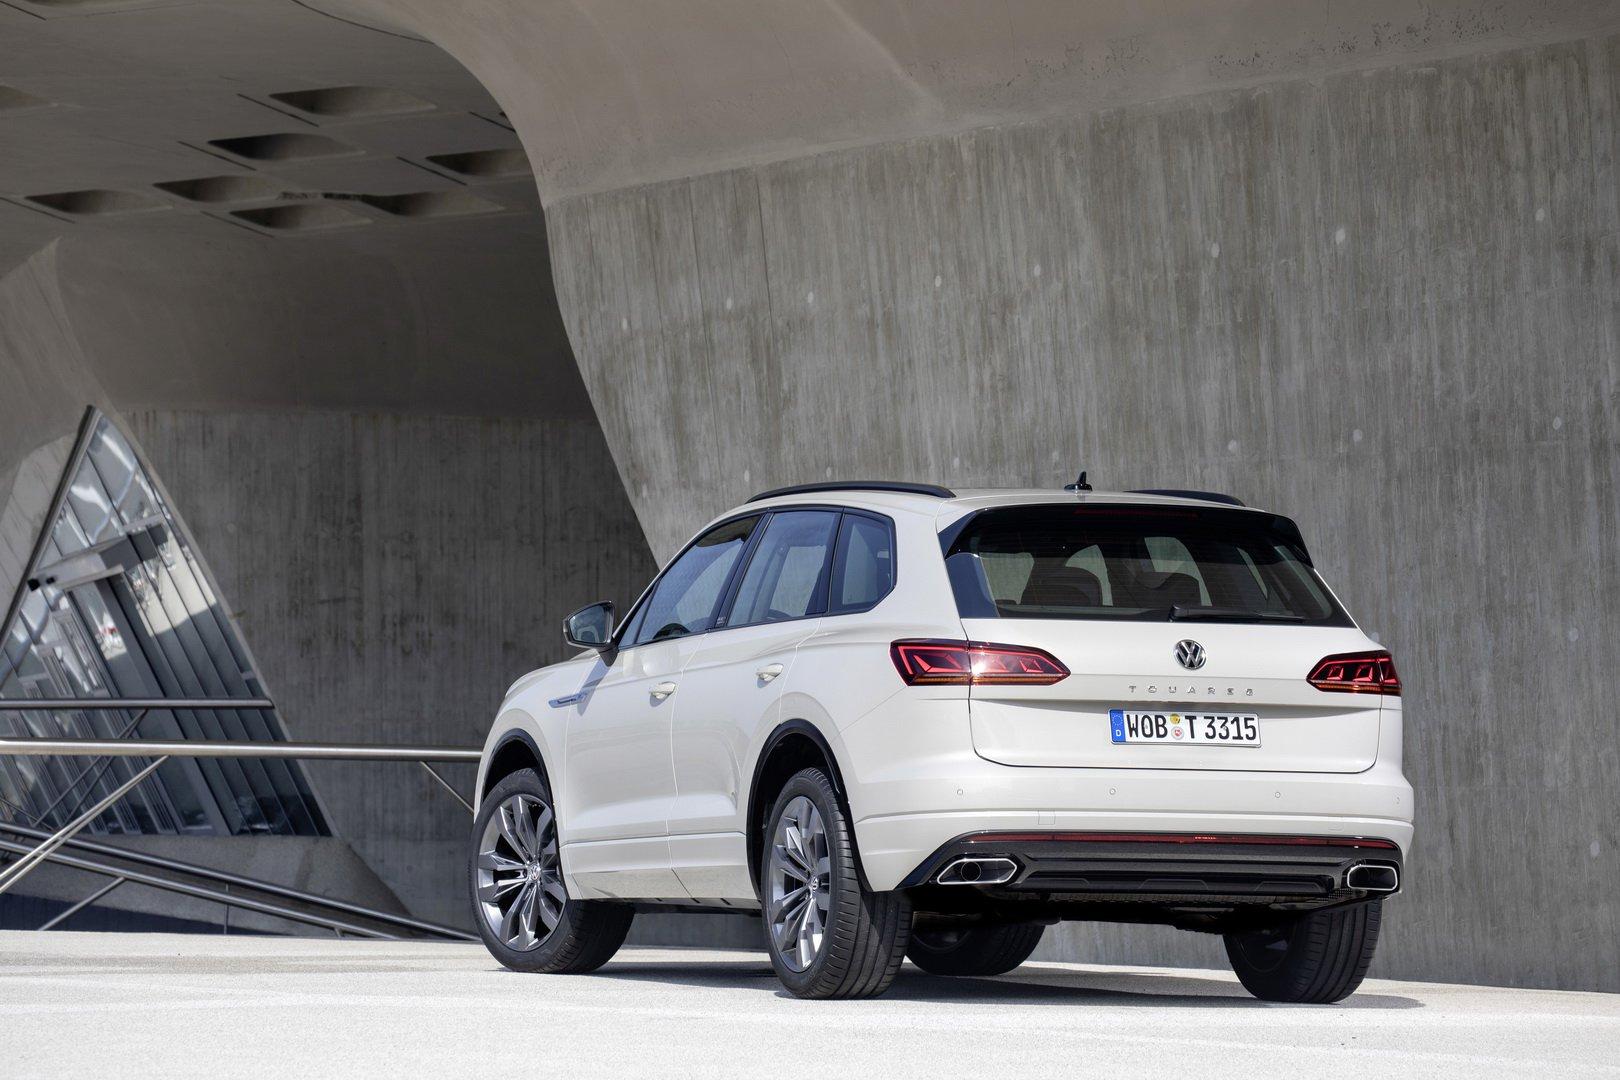 Volkswagen-Touareg-One-Million-Edition-2